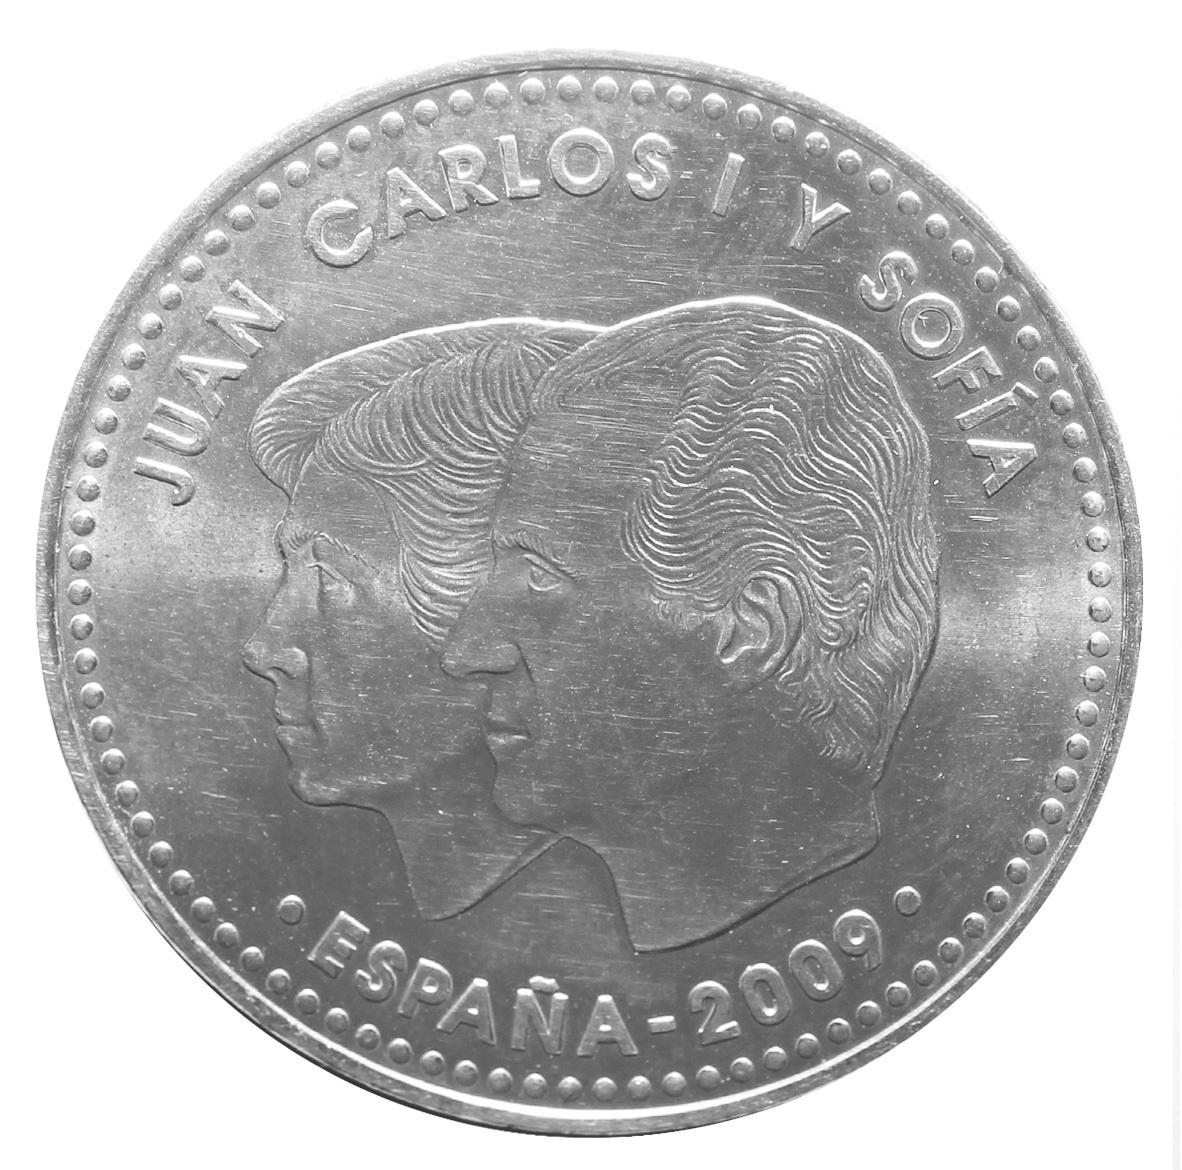 12 евро 2009 Испания - 10 лет монетарной политике ЕС и введения евро. AU Серебро